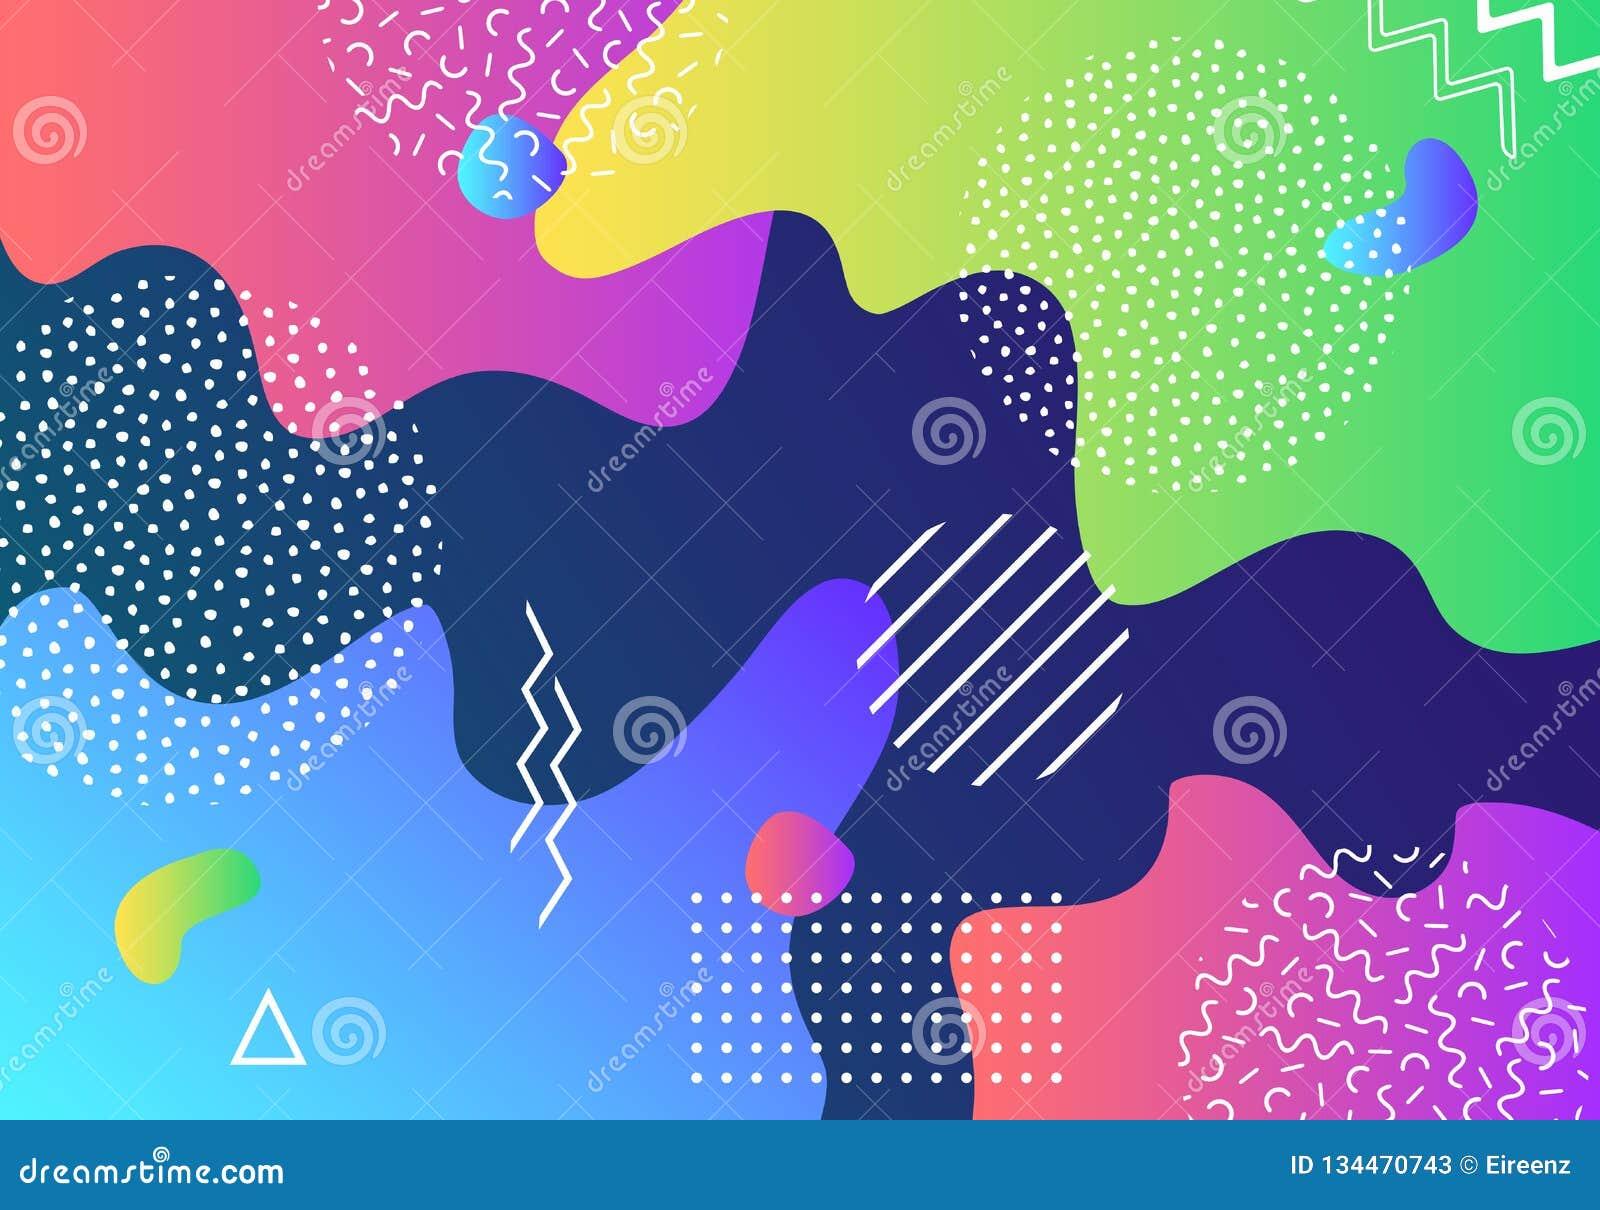 För popkonst för vektor abstrakt bakgrund för modell med linjer och prickar Moderna vätskefärgstänk av geometriska former